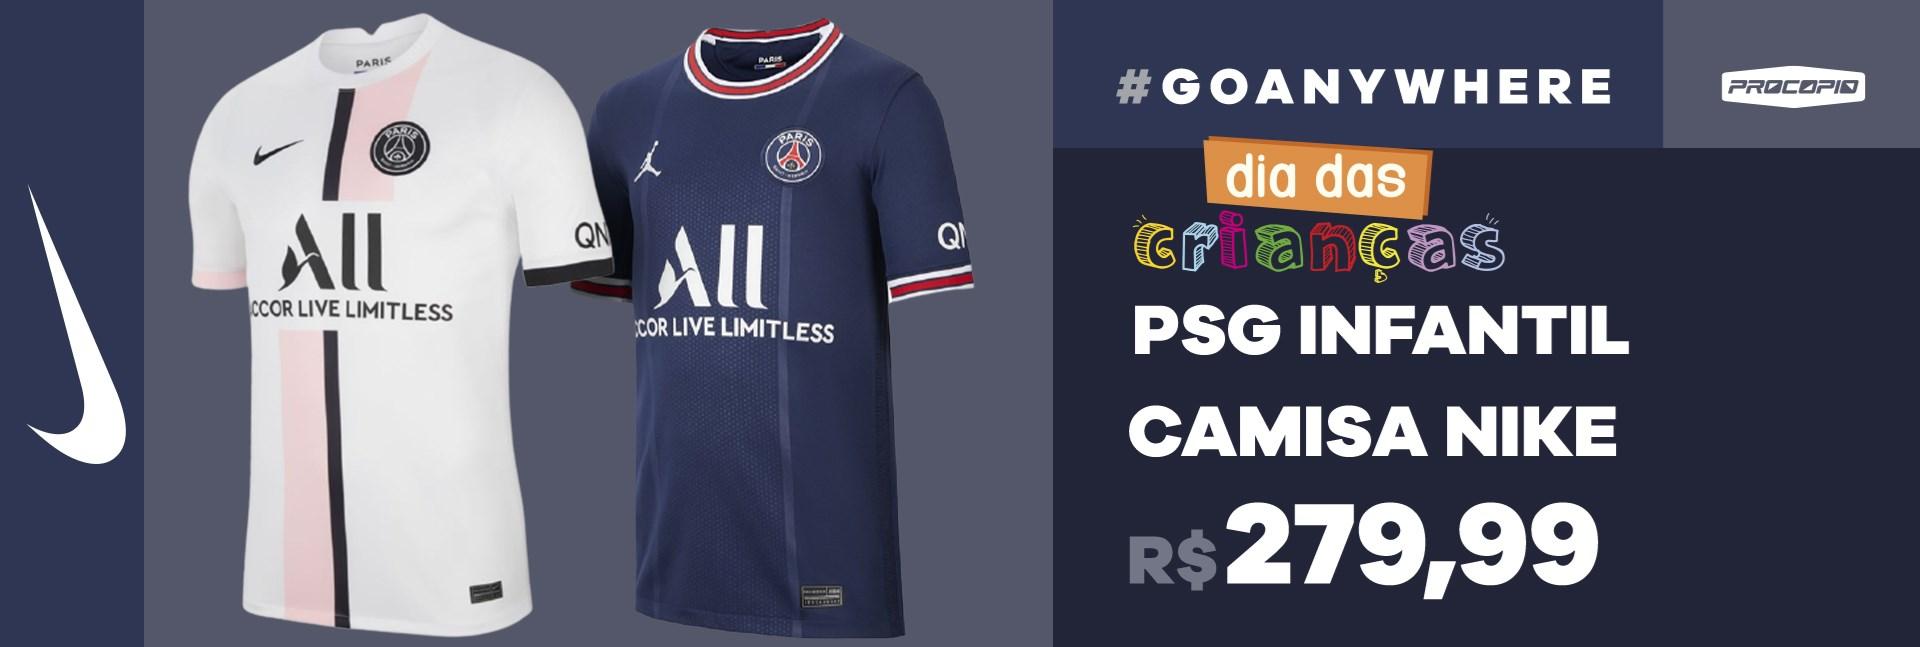 Camisa Nike PSG I / II 2021/22 Torcedor Infantil